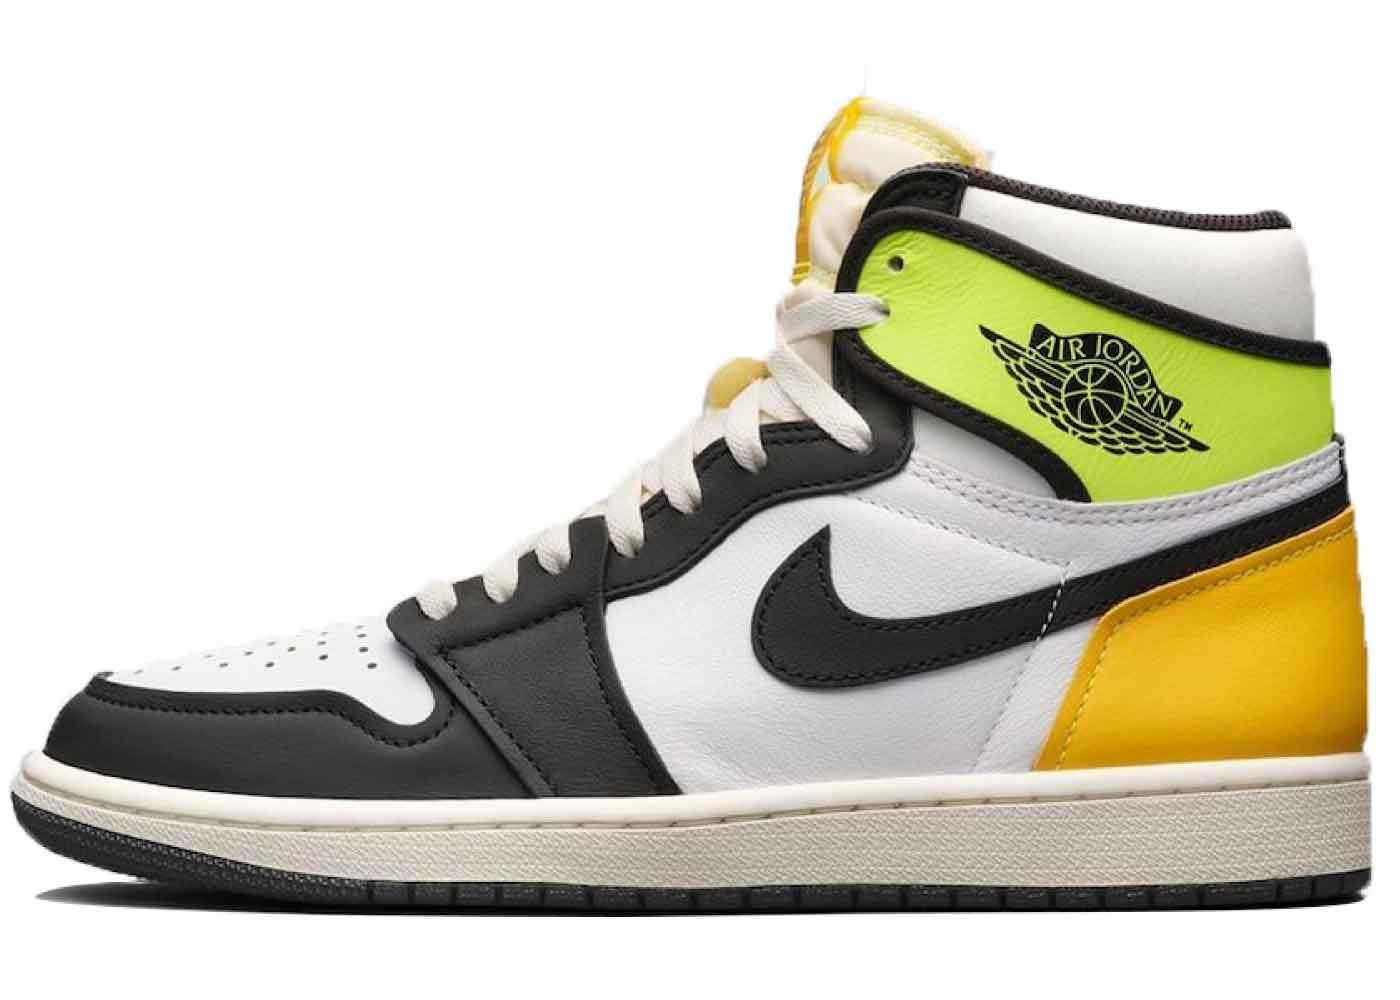 Nike Air Jordan 1 Retro High OG Volt Goldの写真